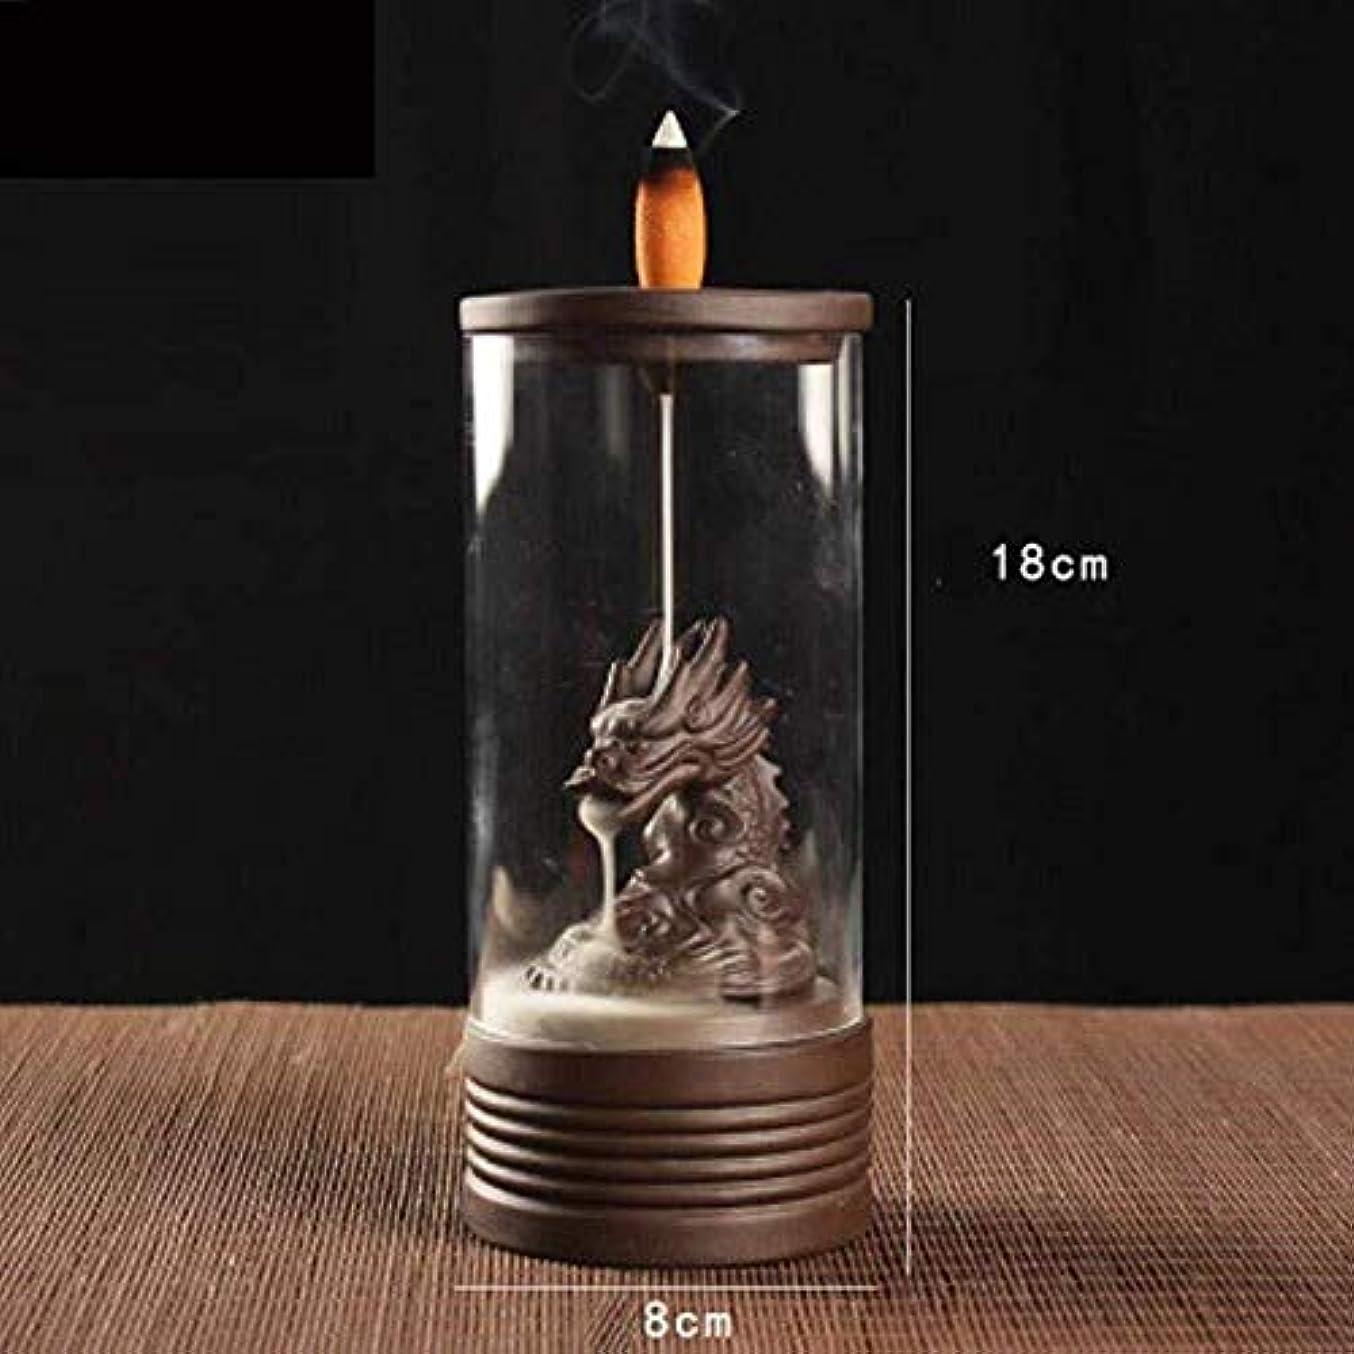 コミュニケーションポイント国民そして、紫の香香炉を保持アクリルシールドの若い僧侶を吸う香フォールバック (Color : E)